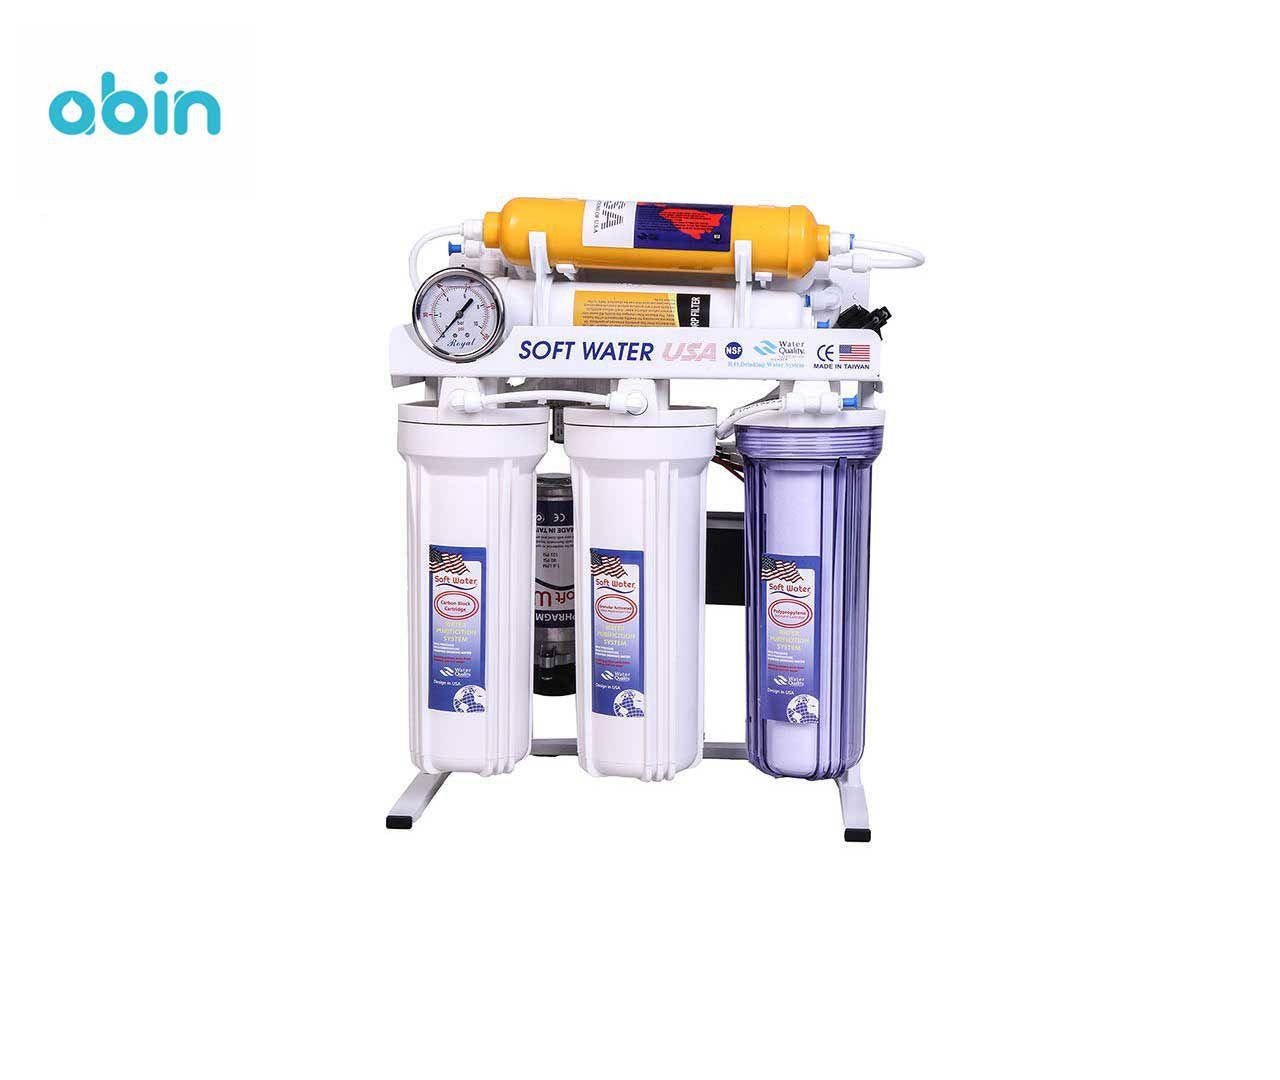 دستگاه تصفیه آب سافت واتر مدل RO7-orp